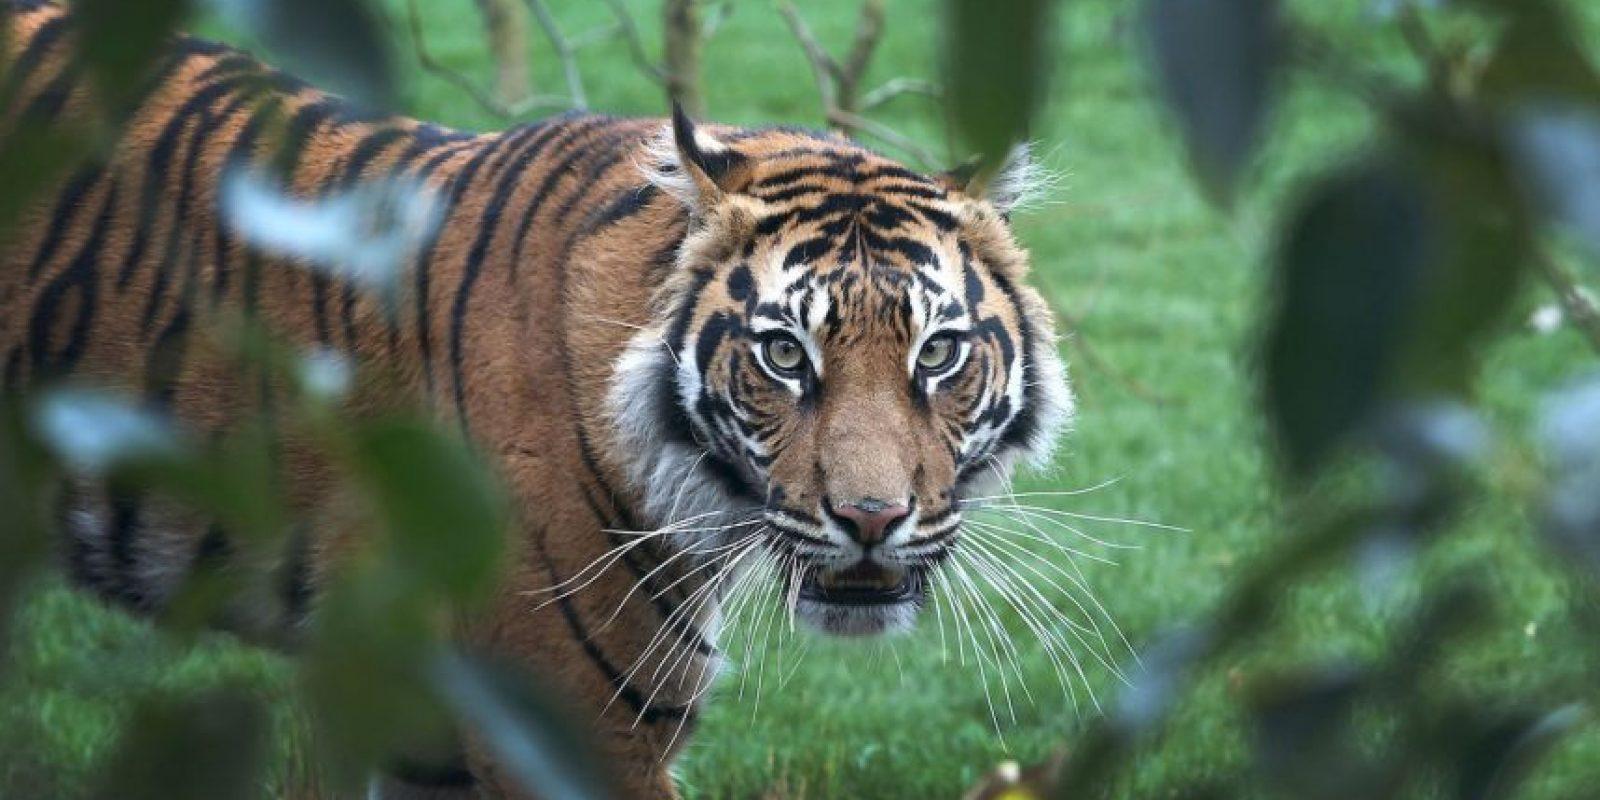 Dicho medio especifica que la población de estos tigres se ha reducido considerablemente a causa de la caza y de la deforestación. Foto:Getty Images